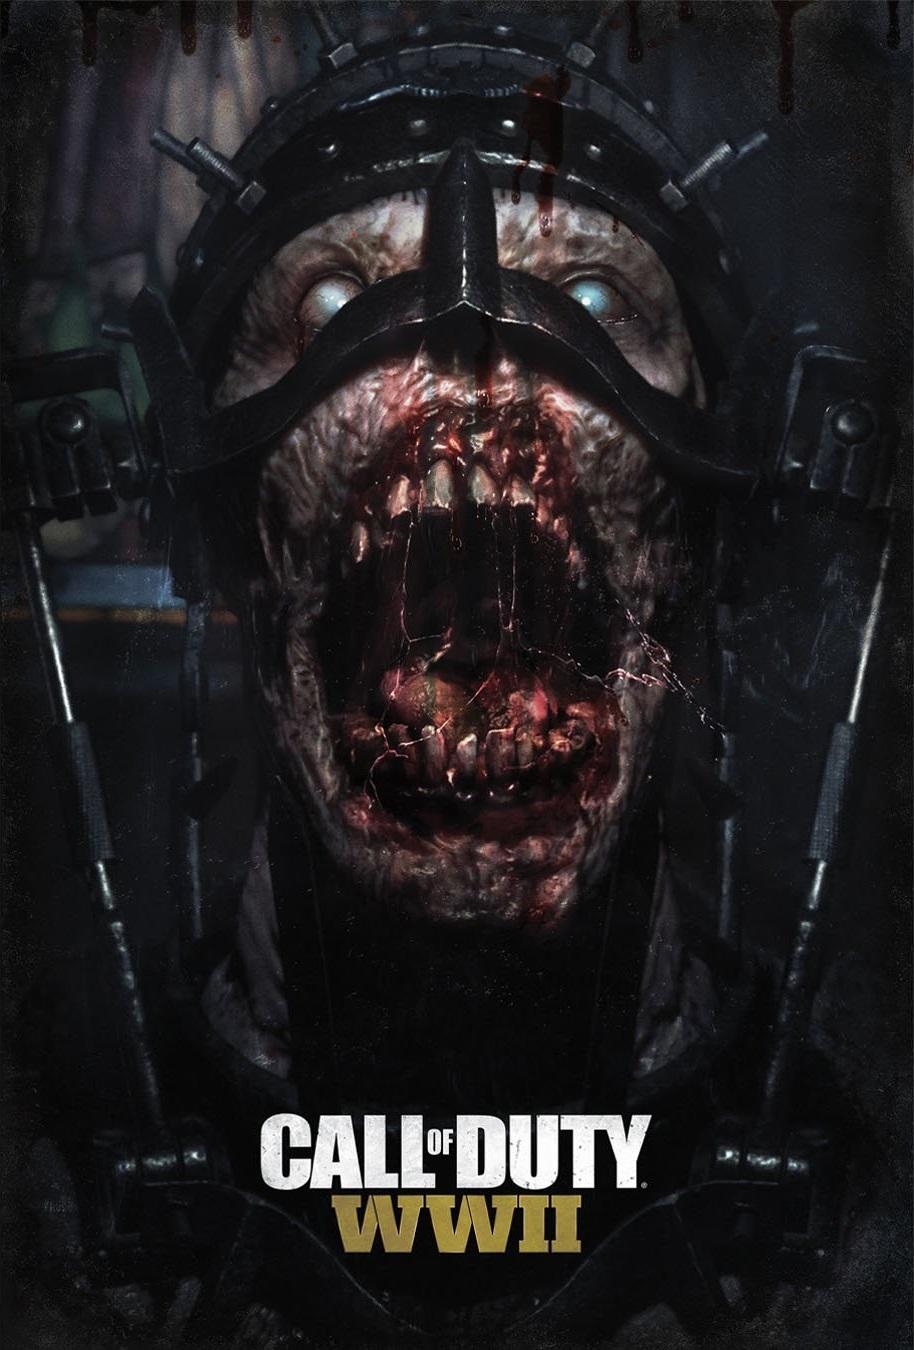 V zombie módu Call of Duty: WWII budeme sledovat rodinné drama a honbu za ztraceným uměním 147512